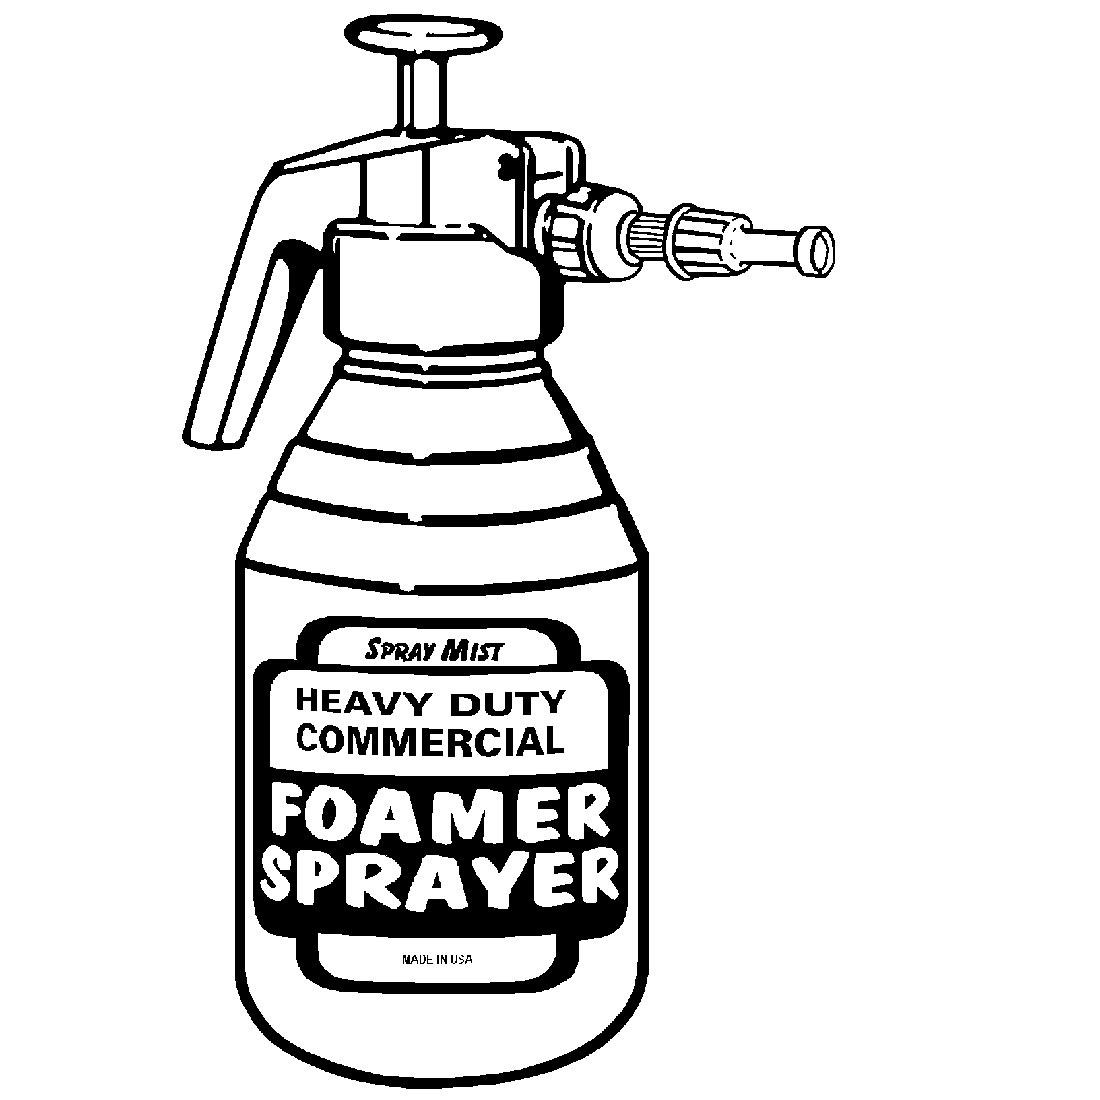 975 Pump-Up Foamer Sprayer & Accessories